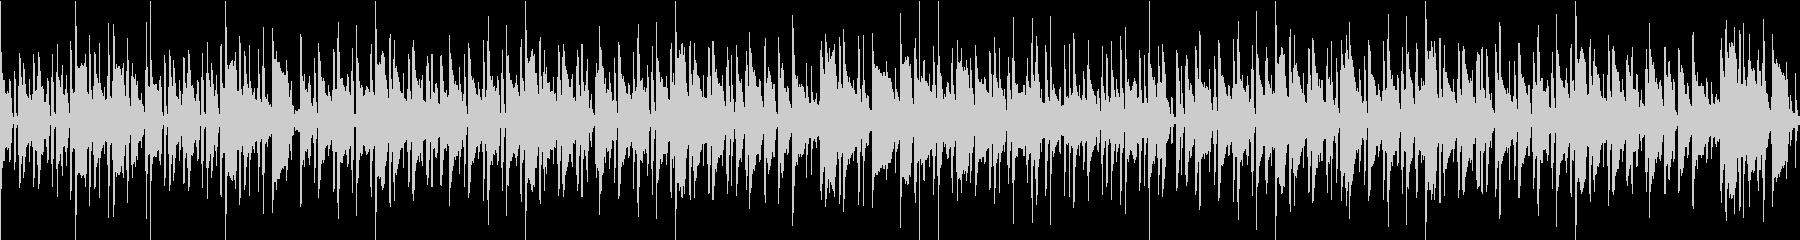 [ループ仕様]ほのぼのおしゃれなボサノバの未再生の波形